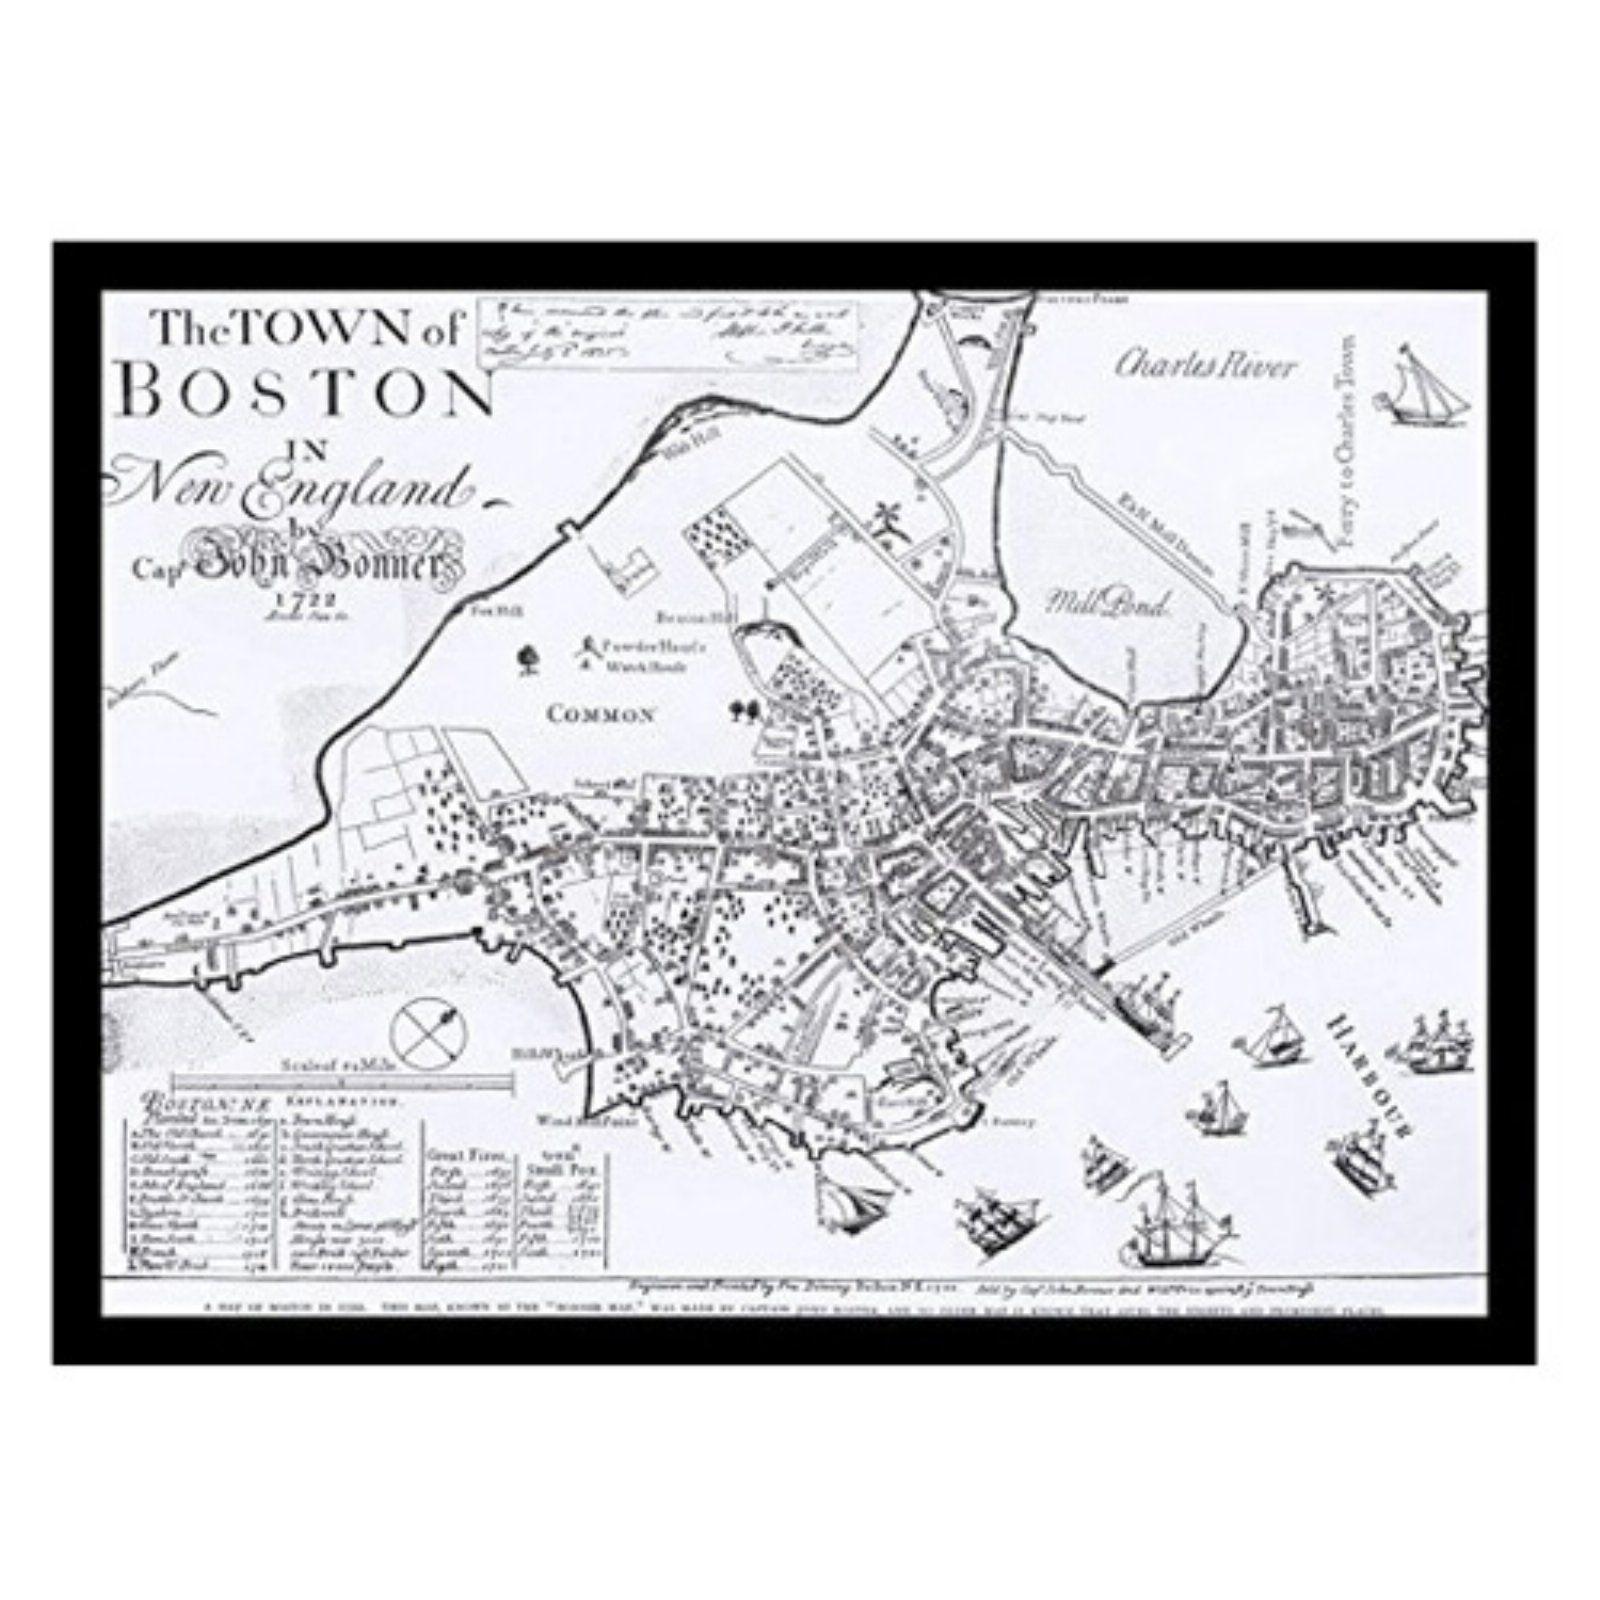 buyartforless map of boston 1722 framed art print poster [ 1600 x 1600 Pixel ]